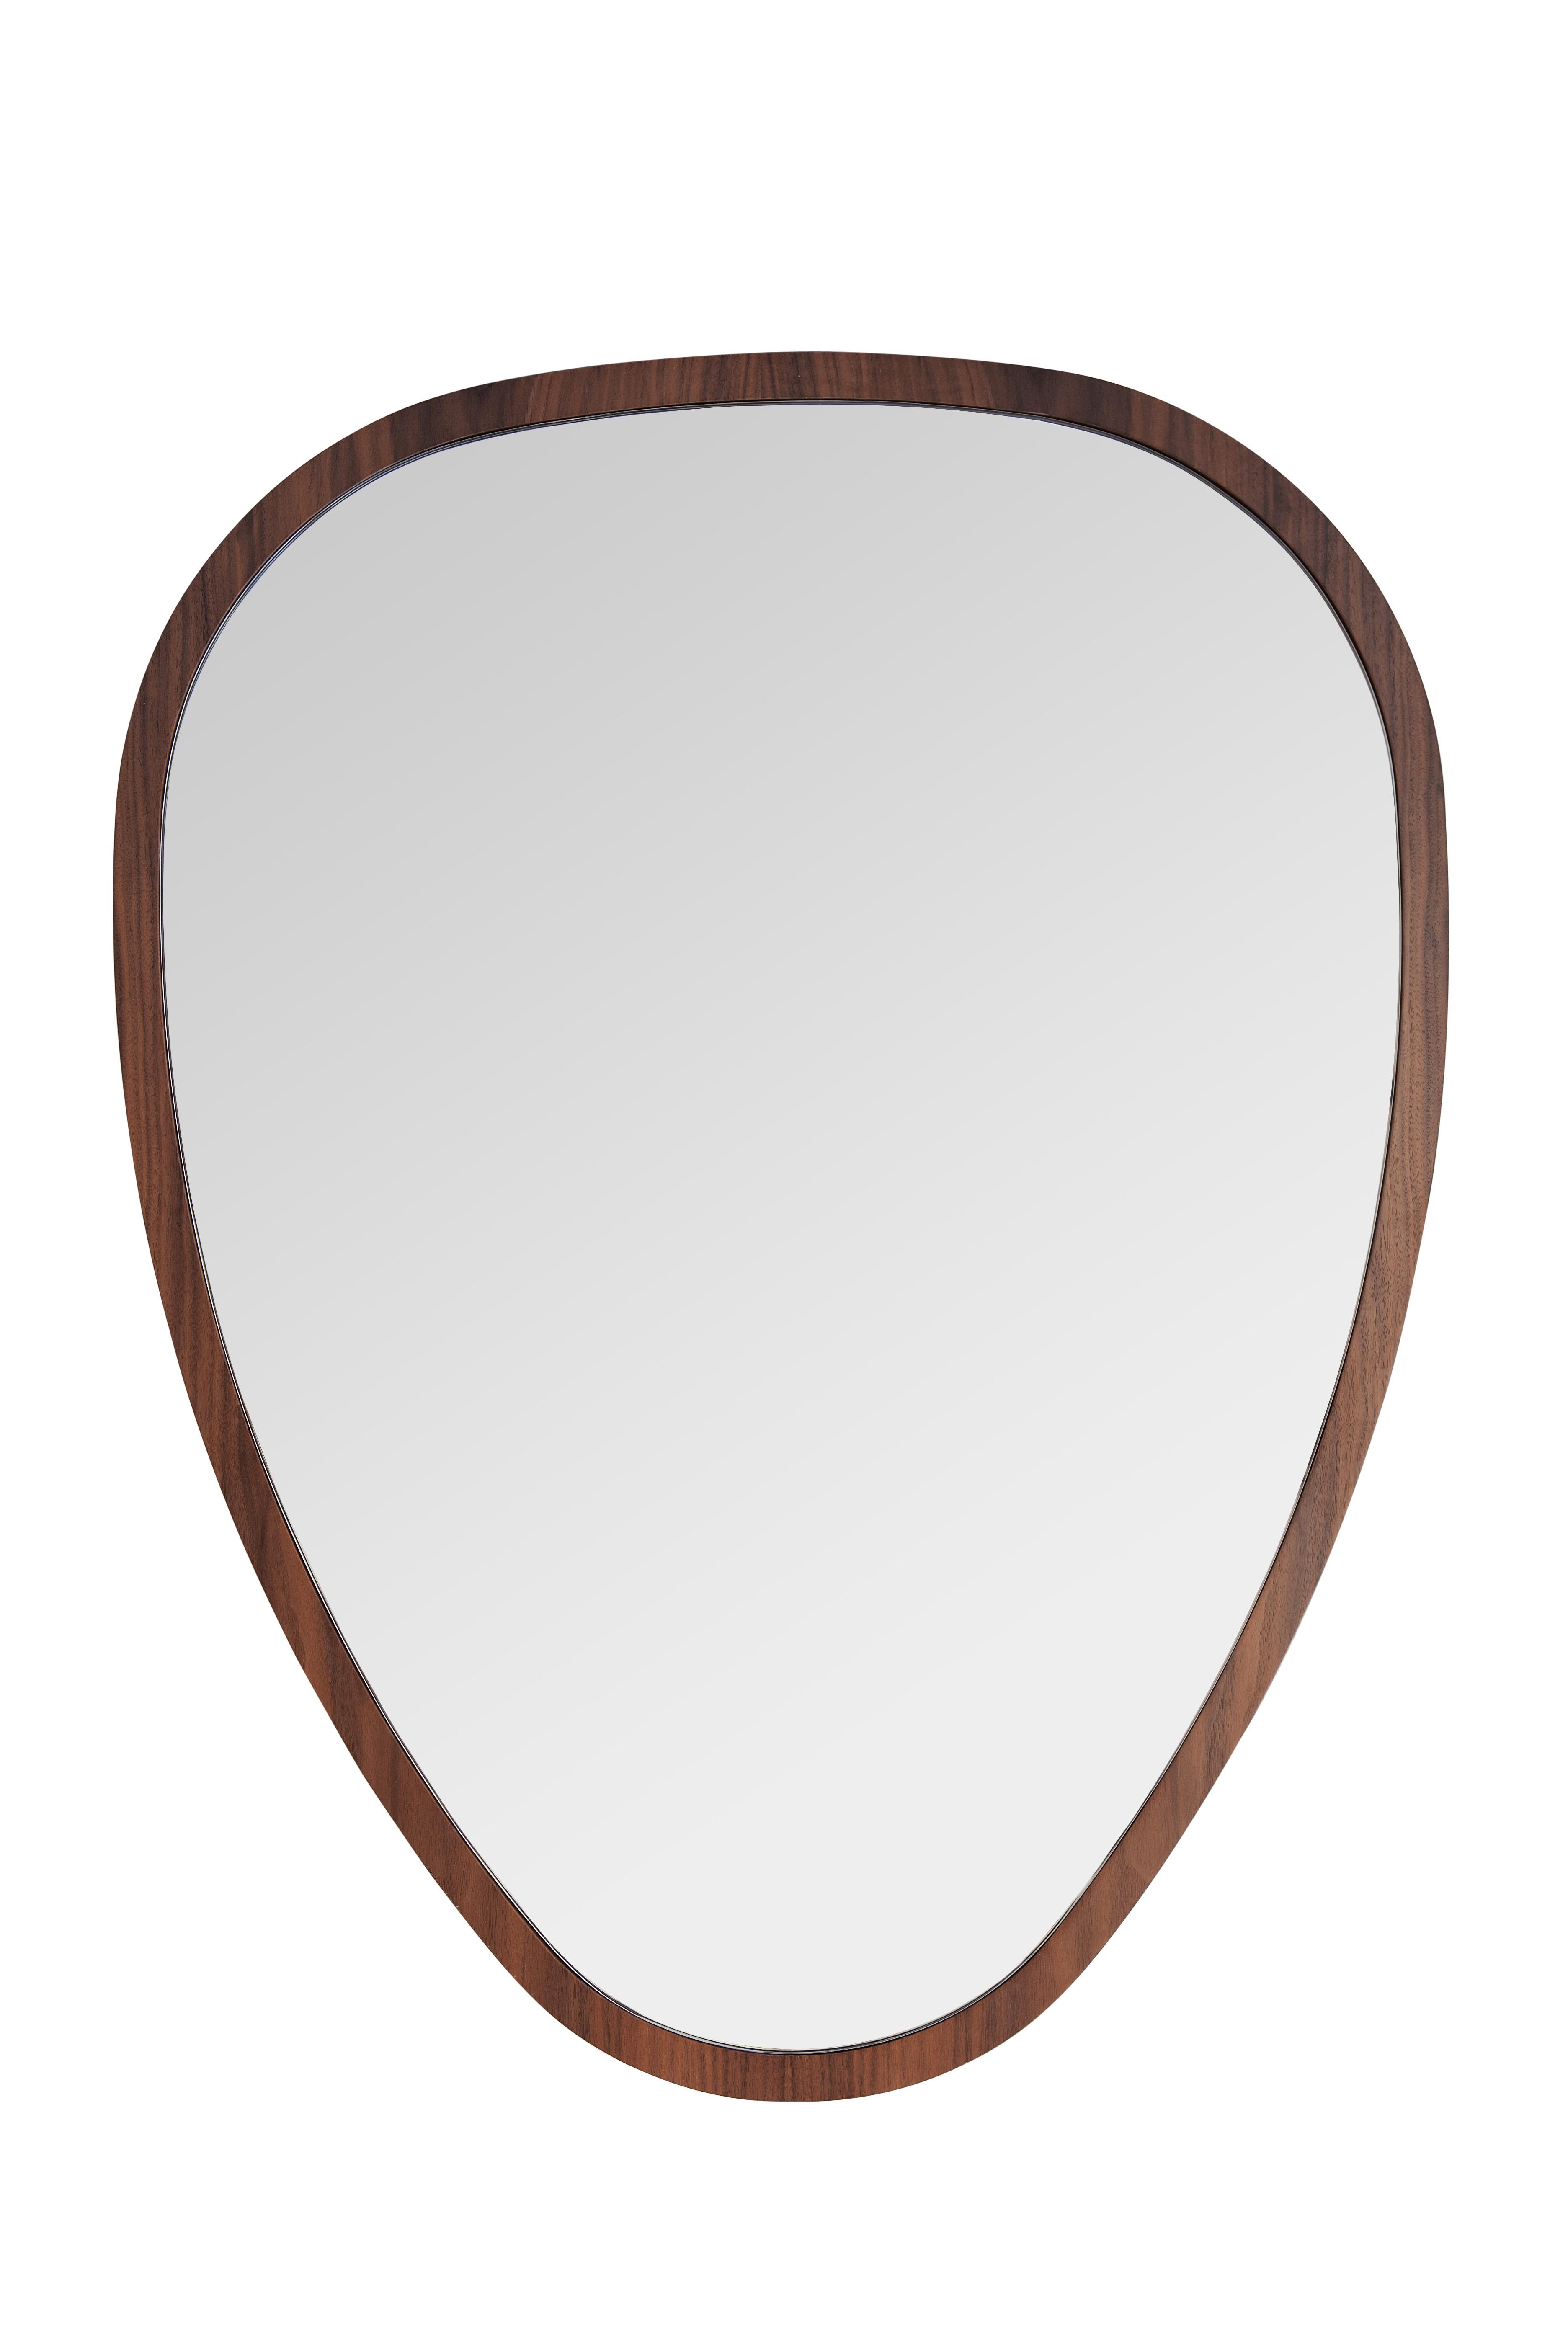 Miroir ovo de sarah lavoine 69 x 90 noyer - Miroir sarah lavoine ...